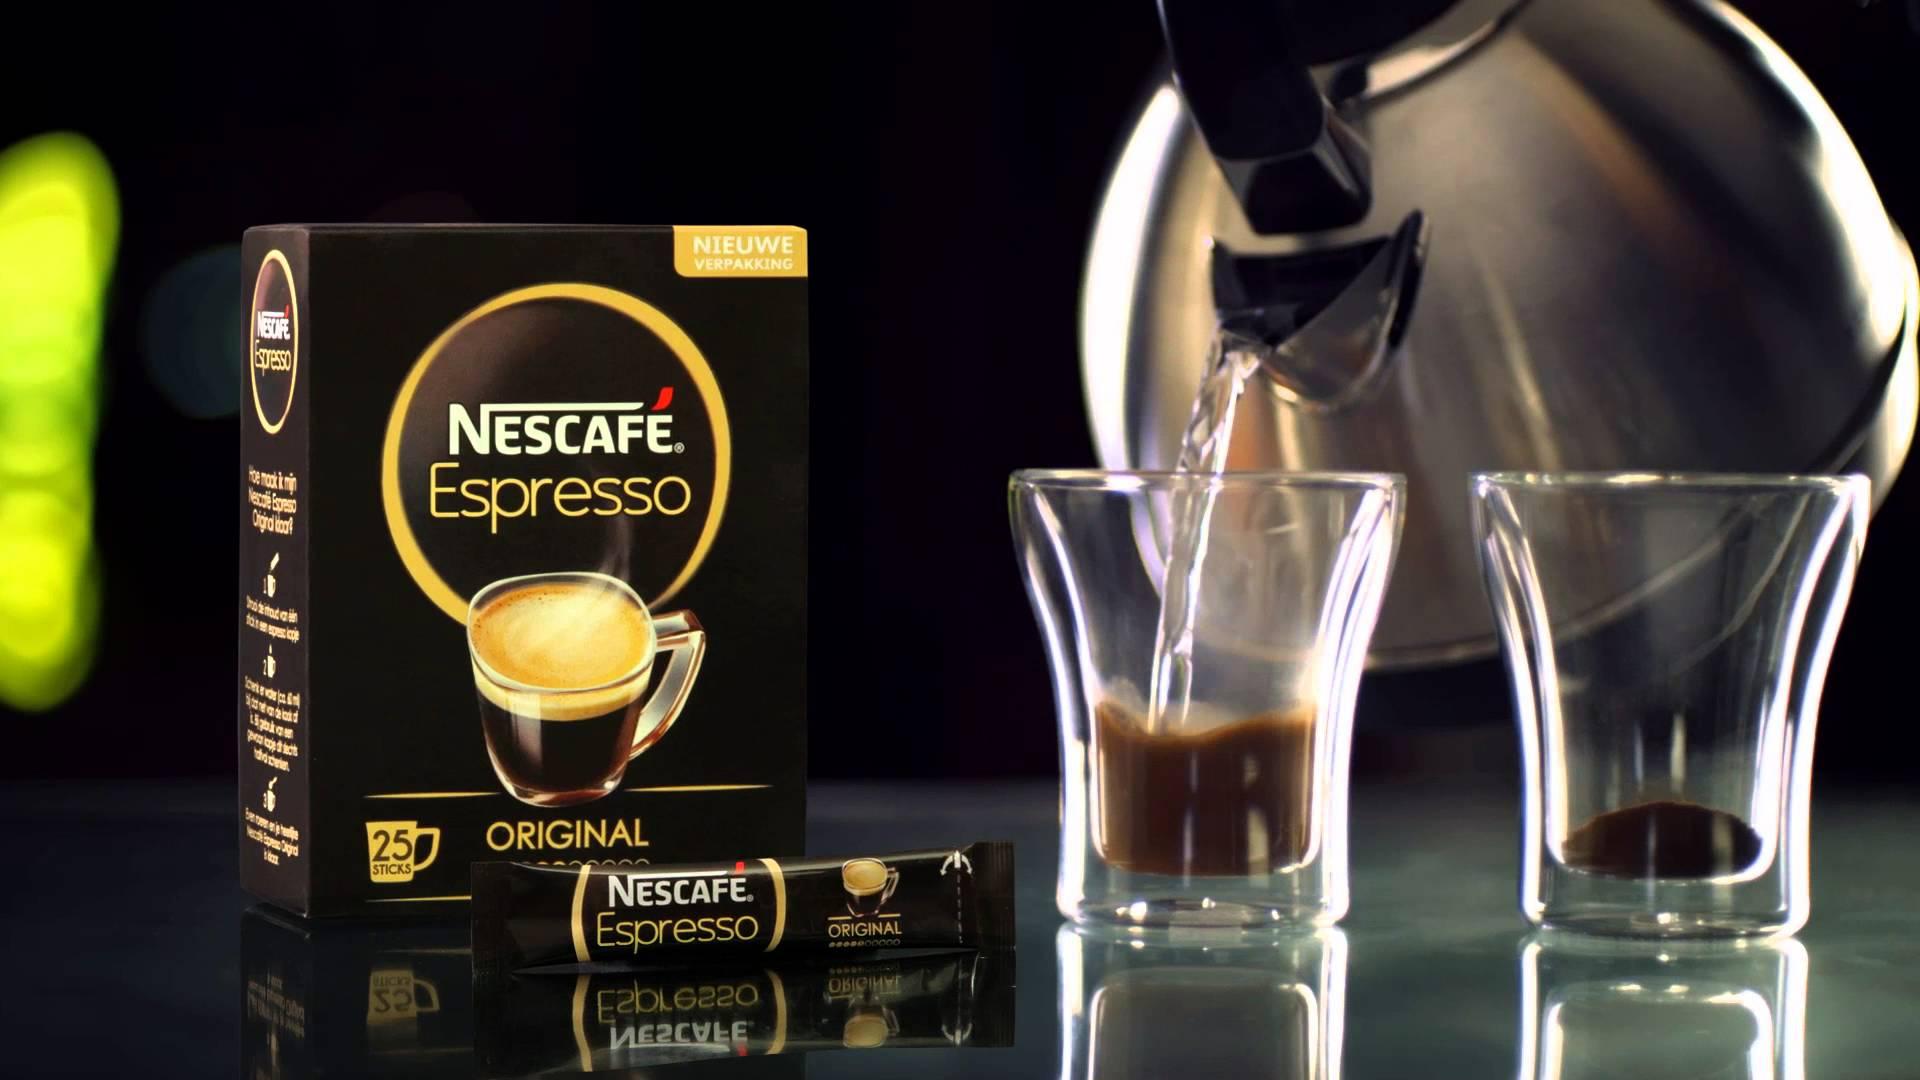 nescafe espresso - Nestlé apuesta por su marca Nescafé Espresso